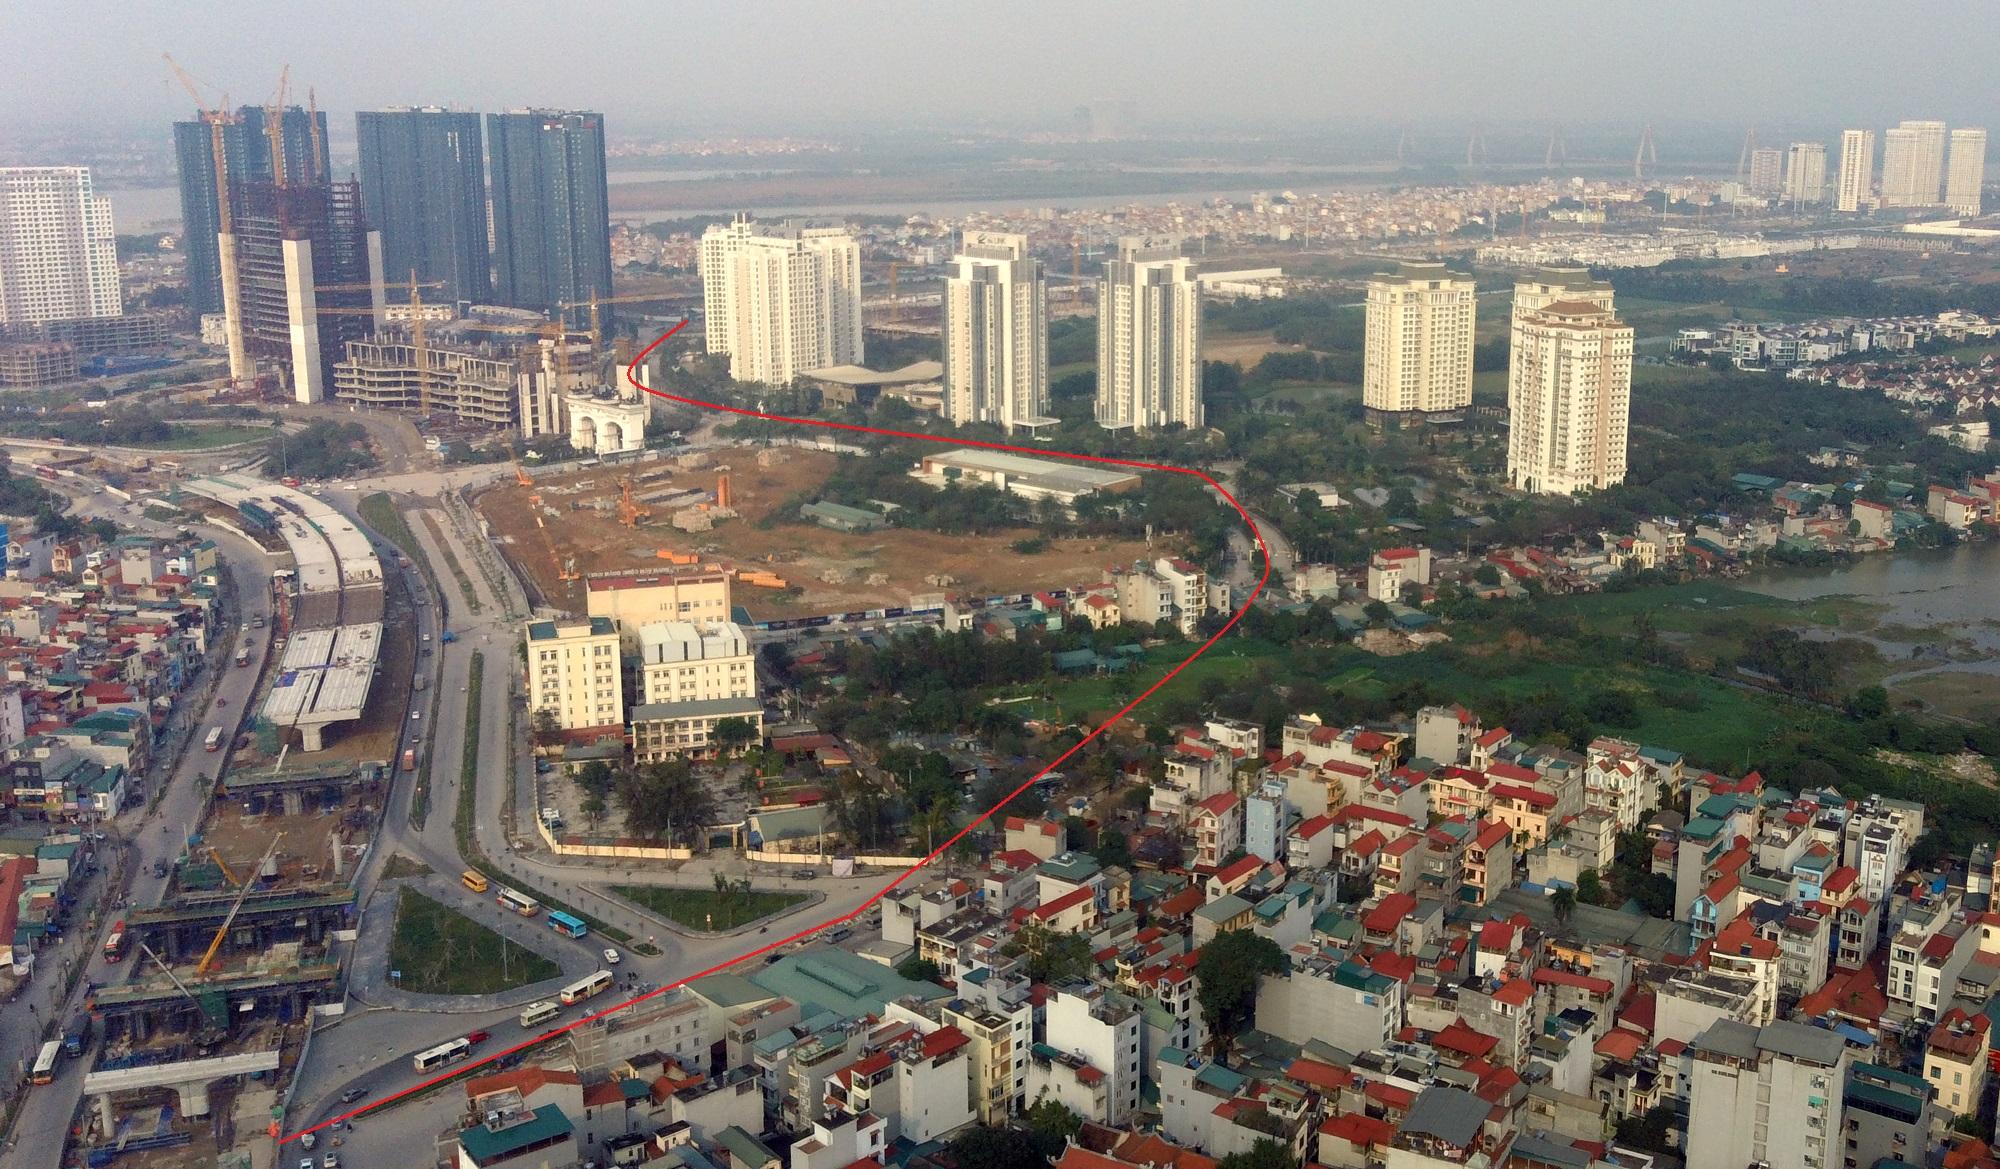 3 đường sẽ mở theo qui hoạch ở phường Xuân Đỉnh, Bắc Từ Liêm - Ảnh 7.